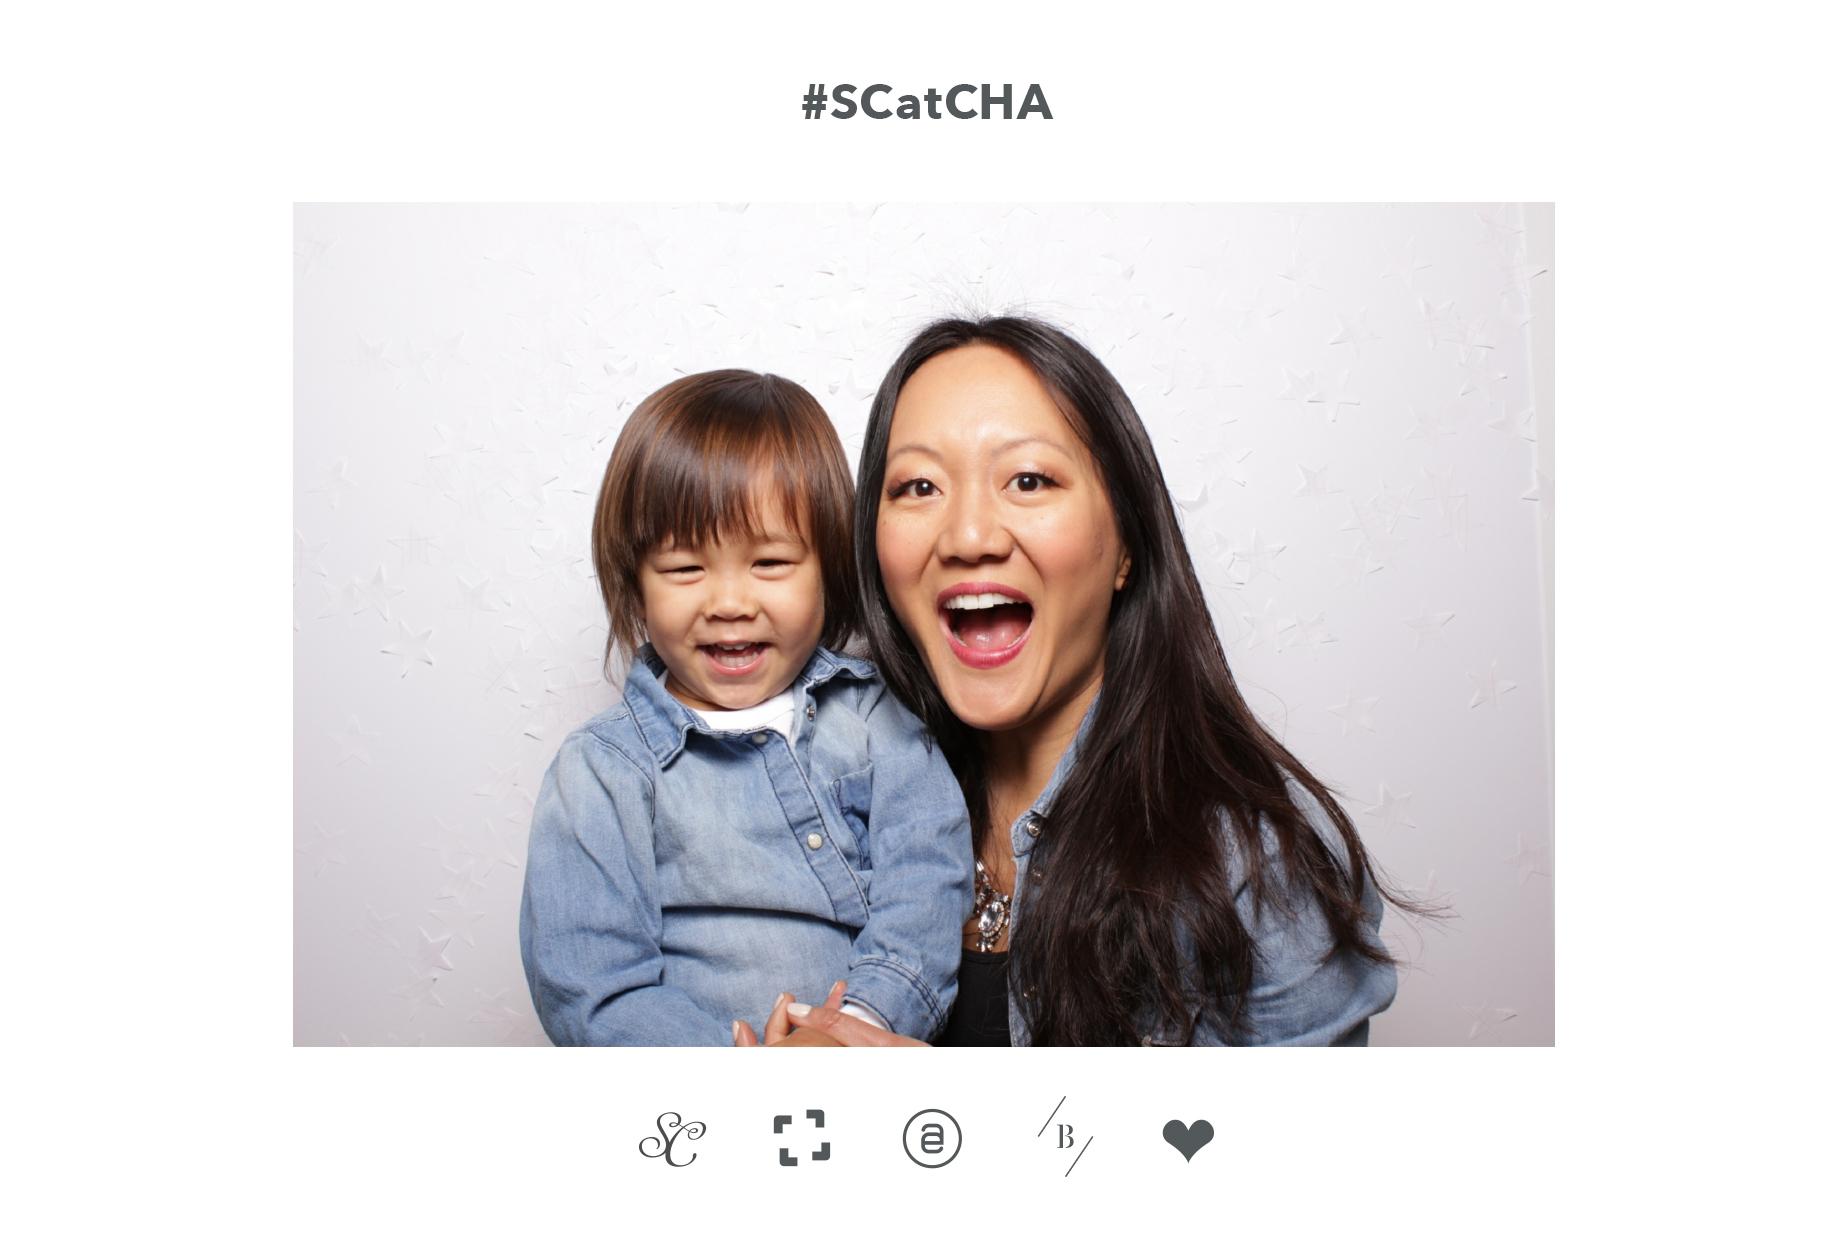 #SCatCHA